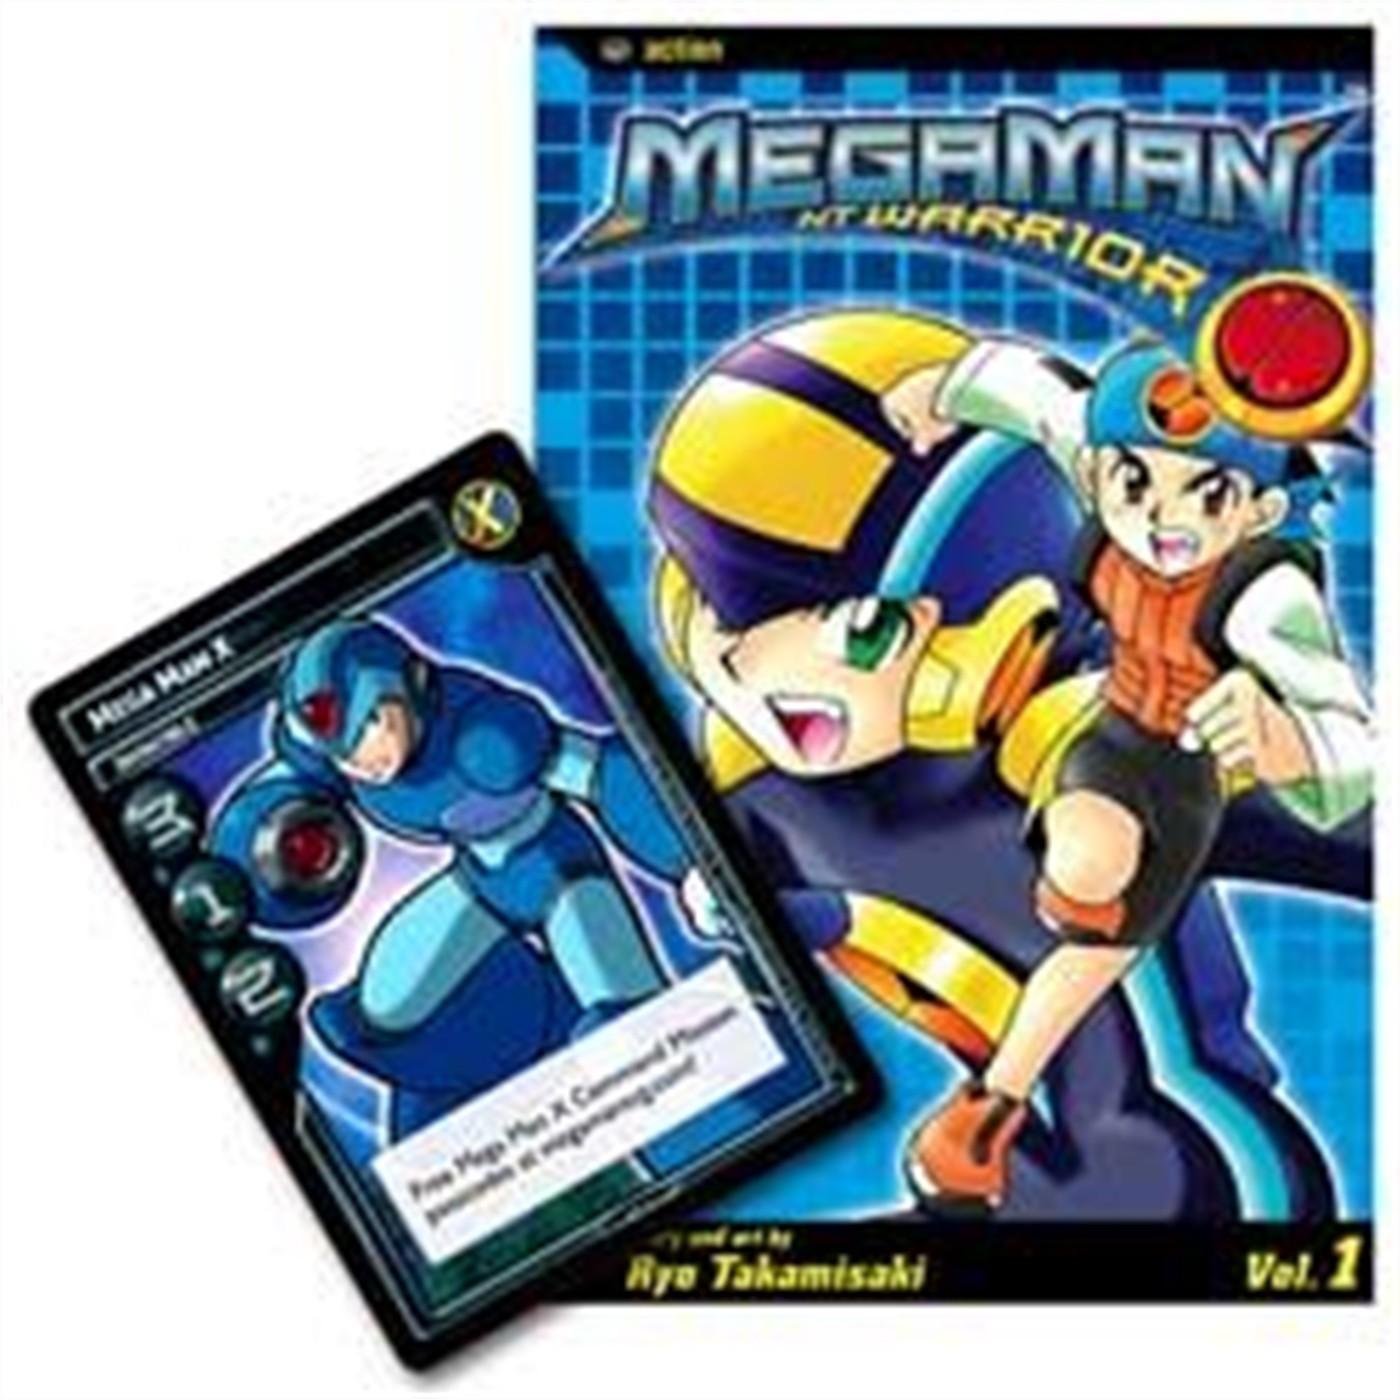 MEGAMAN NT WARRIOR, Vol. 1 (Limited)